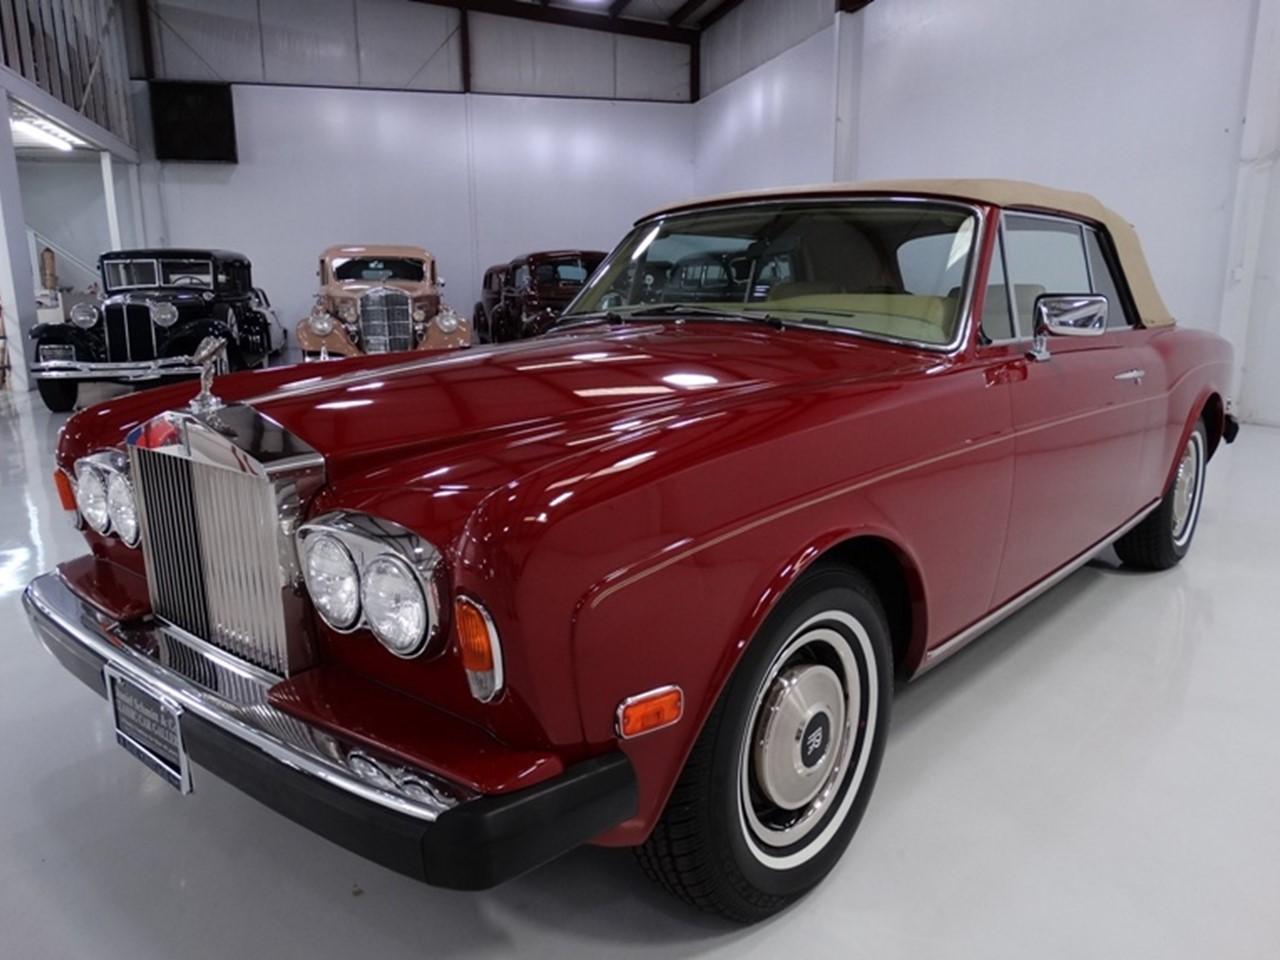 1969 Rolls Royce Silver Shadow MPW Drop Head Coupe | NotoriousLuxury